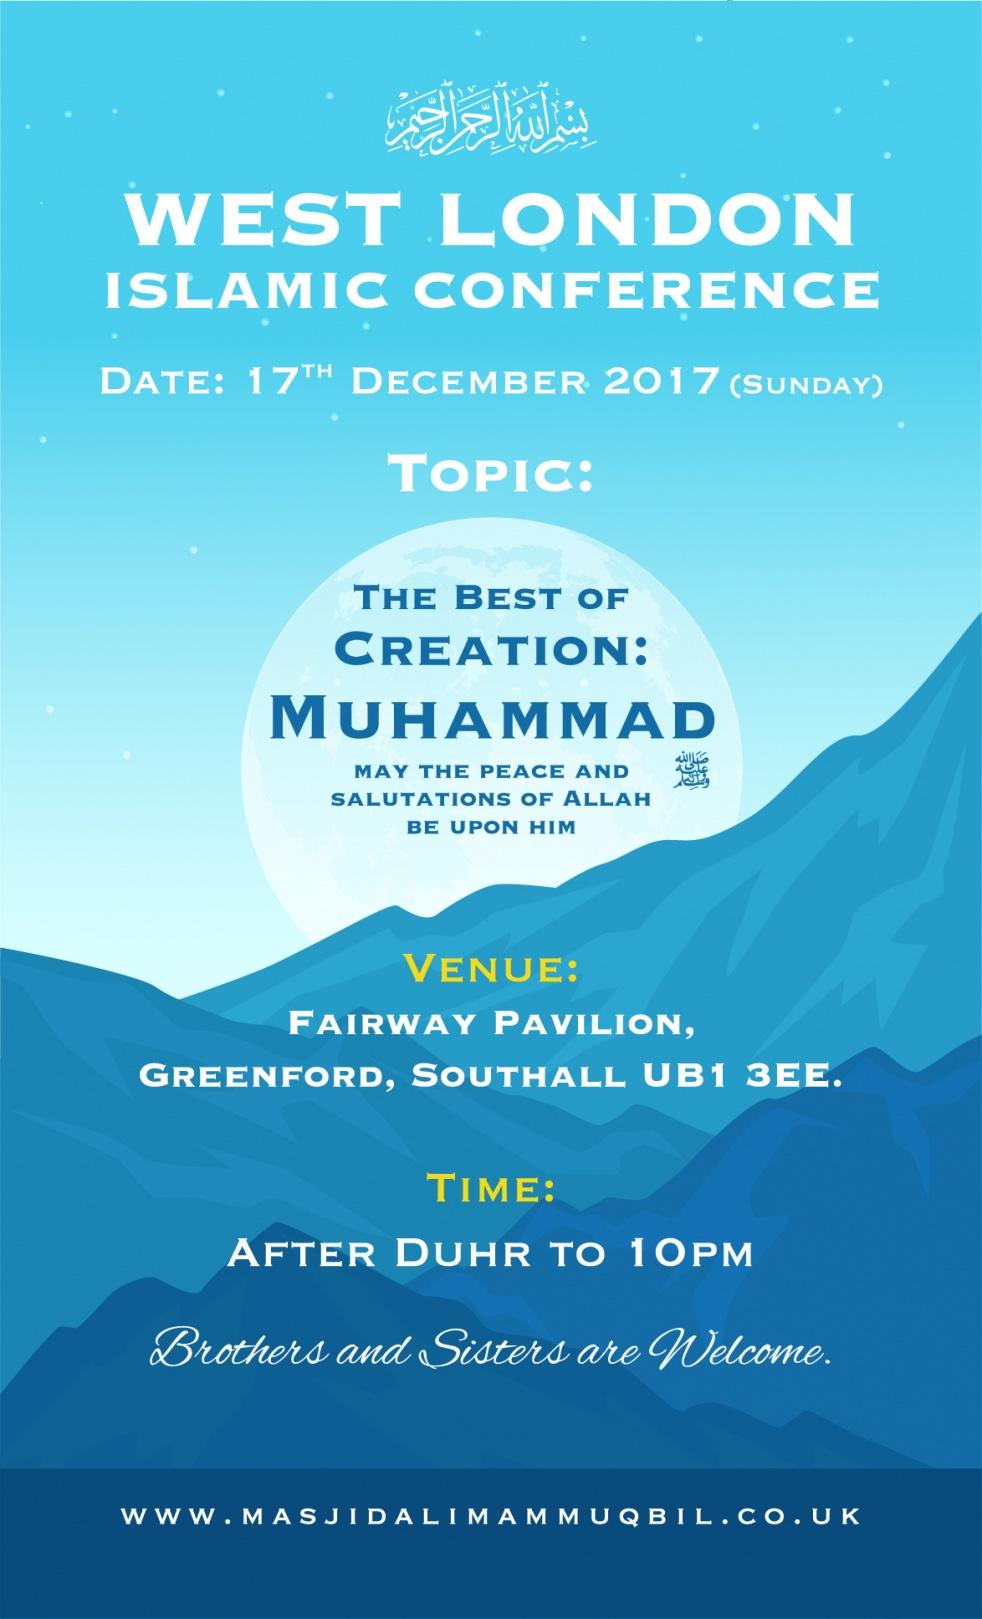 The Best of Creation: Muhammad ﷺ - immagine di copertina dello show